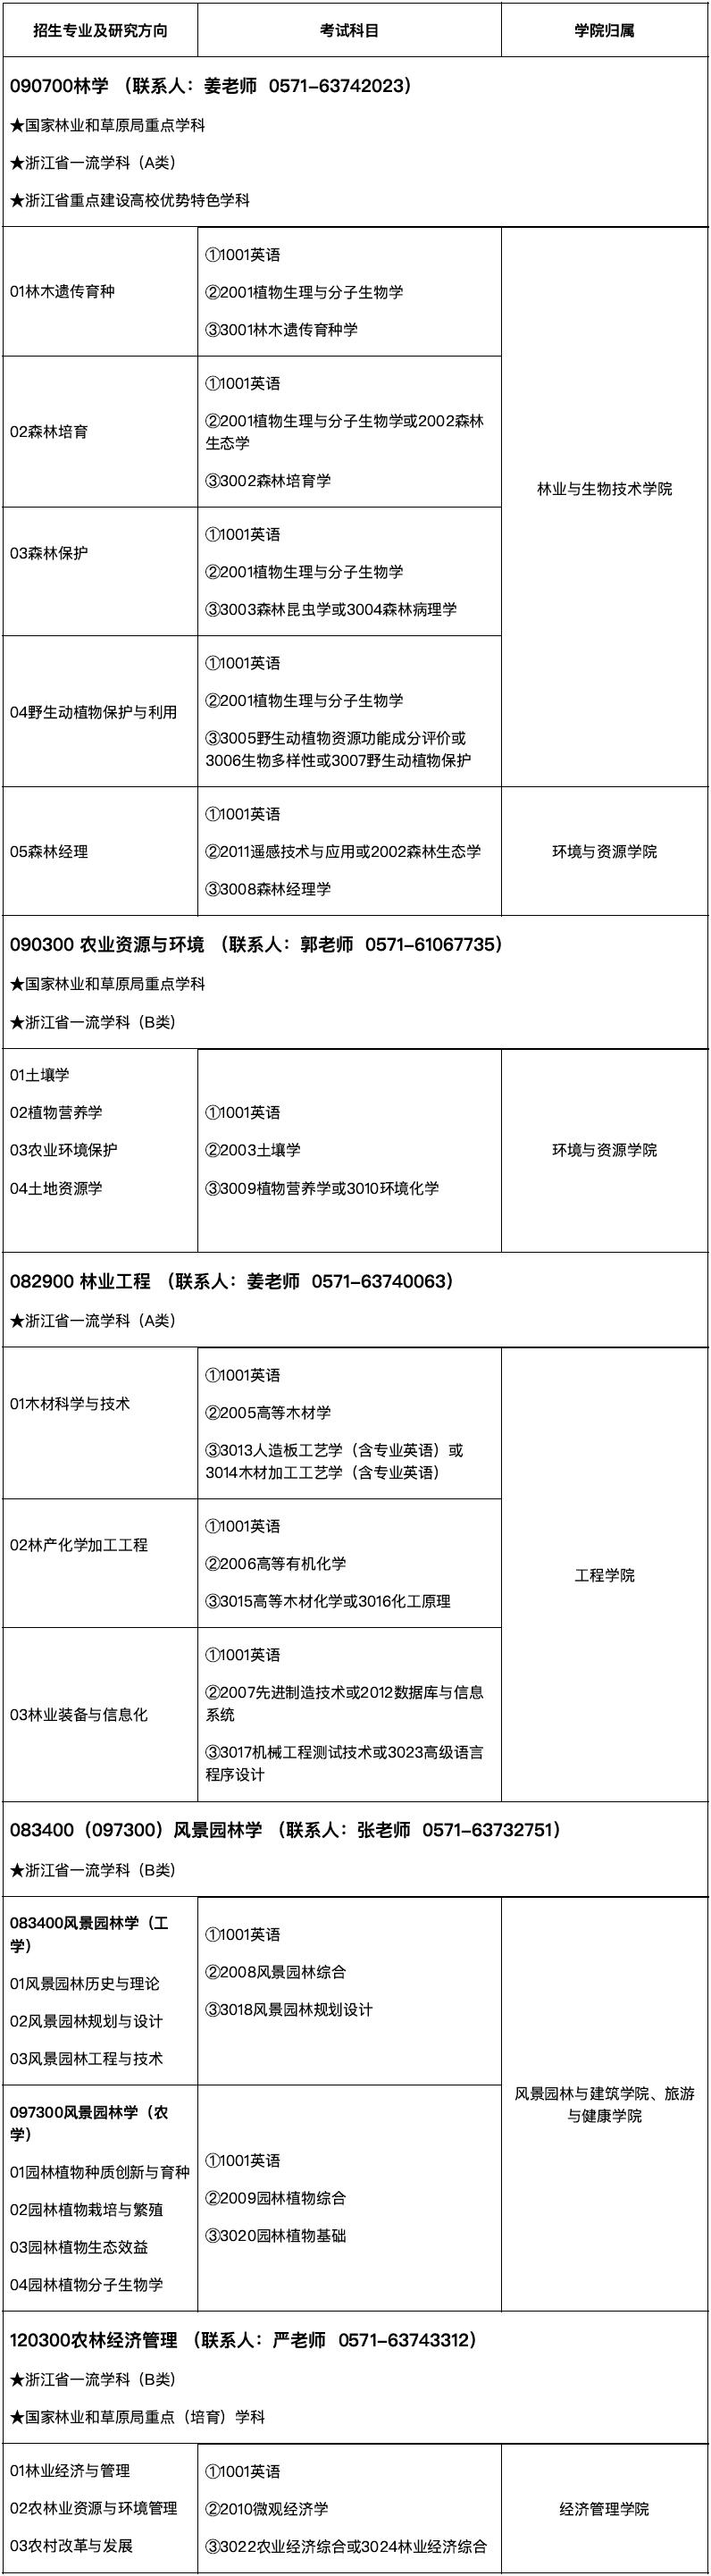 权威发布丨浙江农林大学2021年博士研究生招生专业目录图片